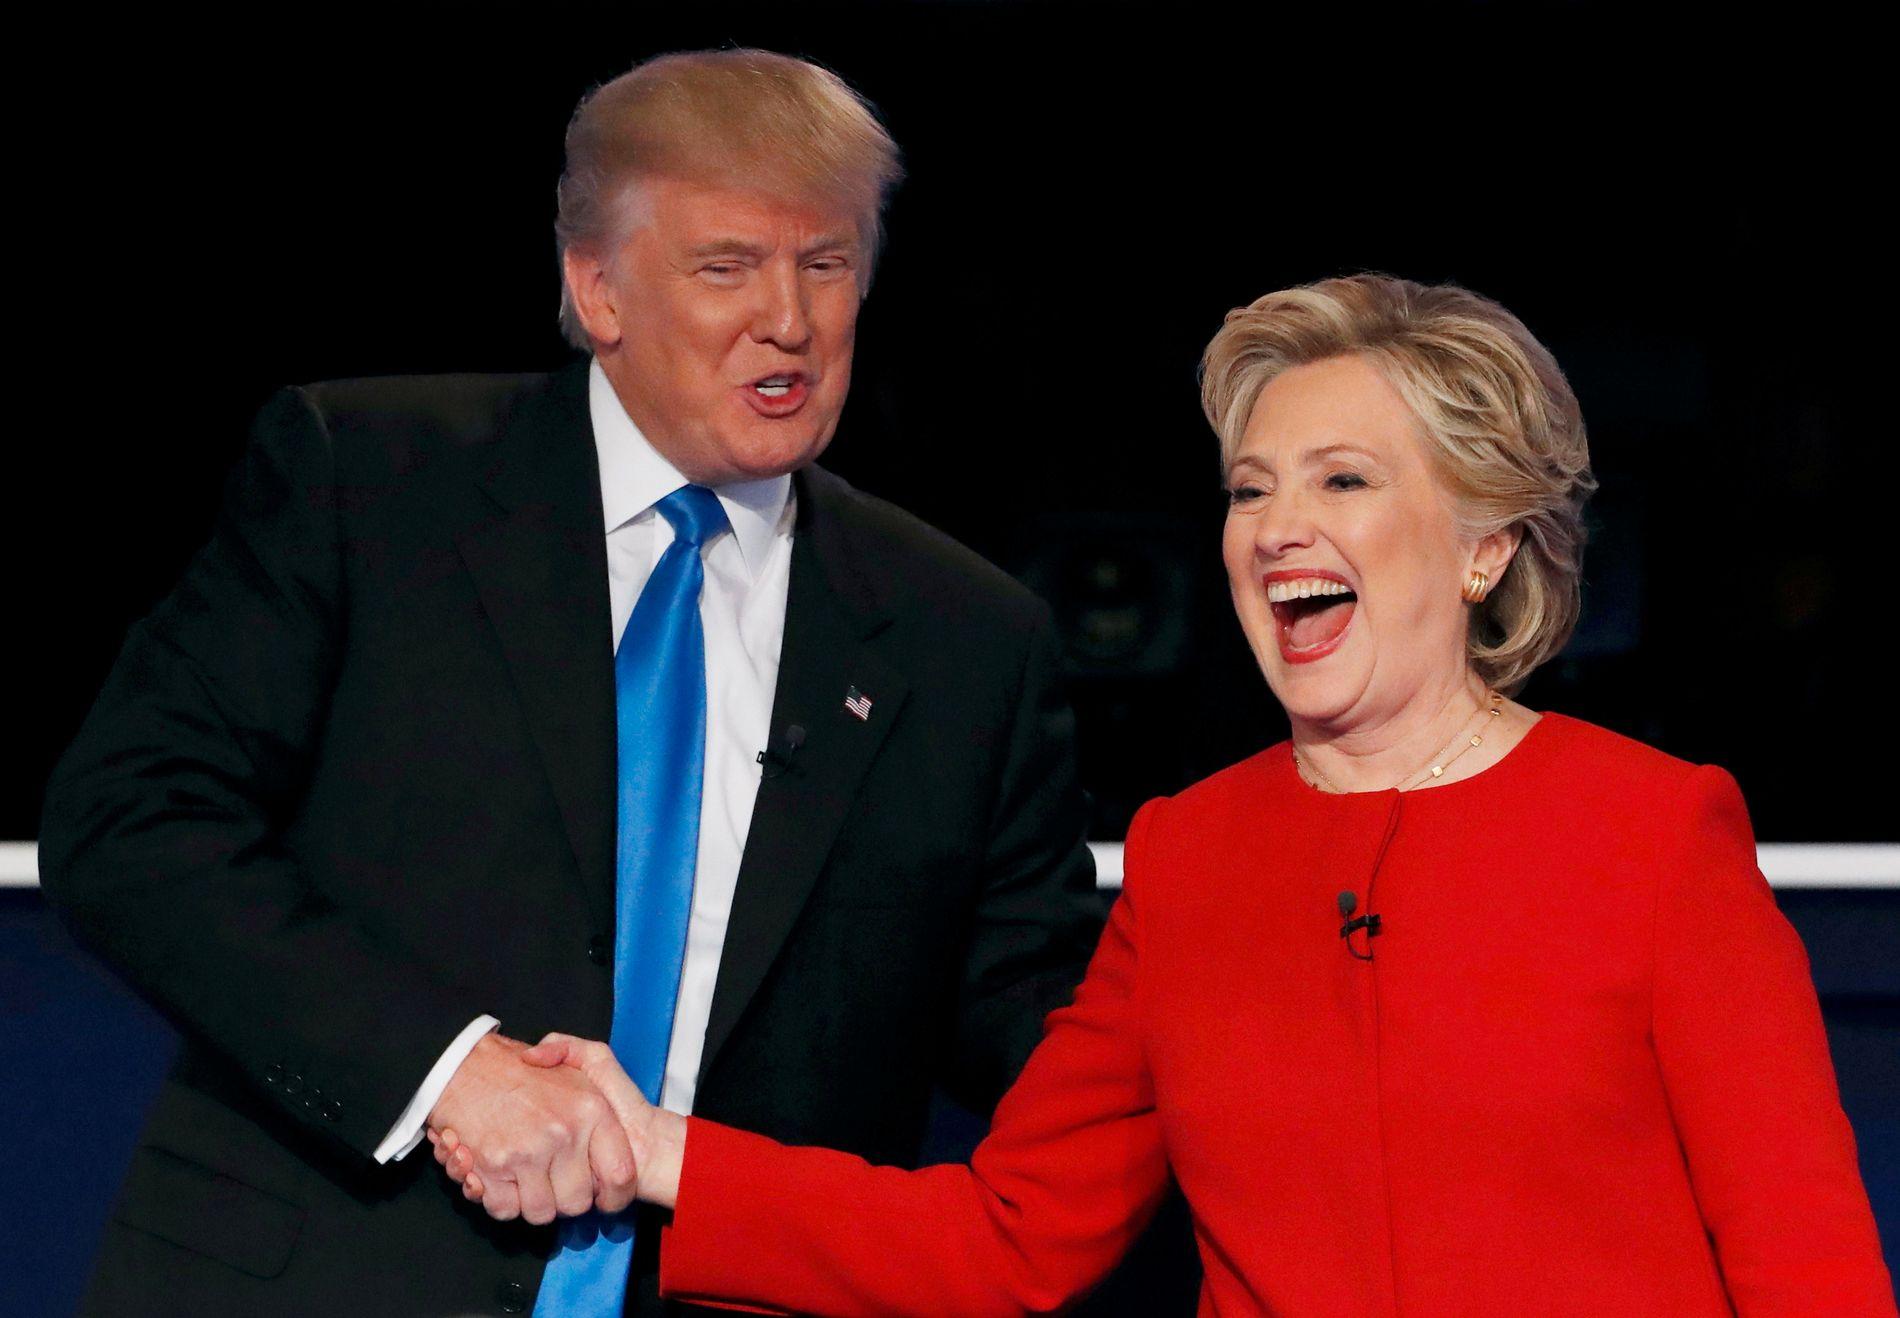 PRESIDENTVALGET: Europa er bedre tjent med Trump. Hillary's liberale korsfarerkriger og allianser med islamistiske regimer, har bidratt til islamisme, terrorisme og masseinnvandring til Europa, skriver Øyvind Hvenekilde Seim.